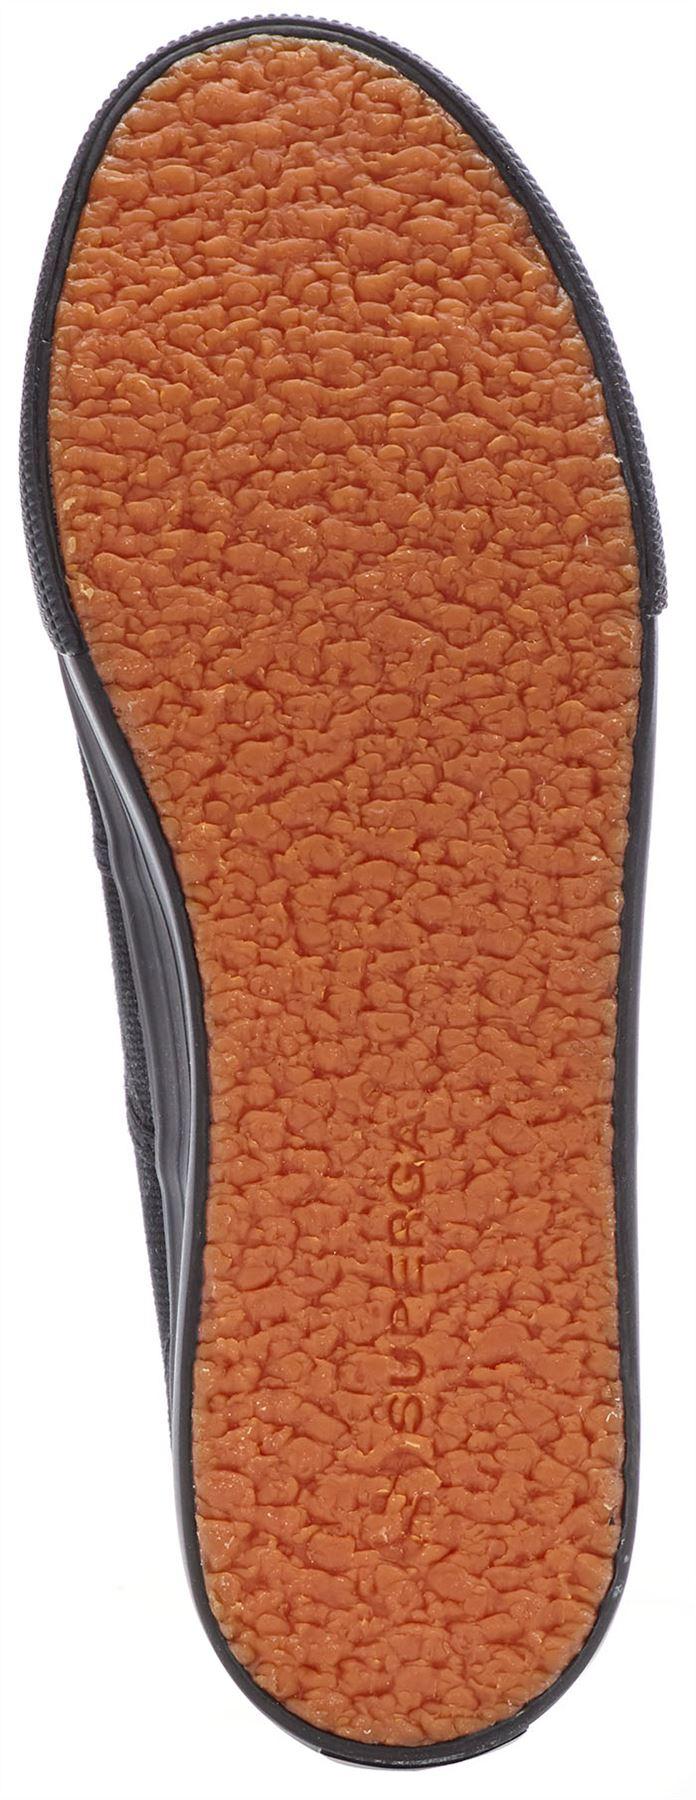 Acotw Superga Chaussures 2790 Toile Plateformes Linea Plates Bas En Haut BvTf5wqv